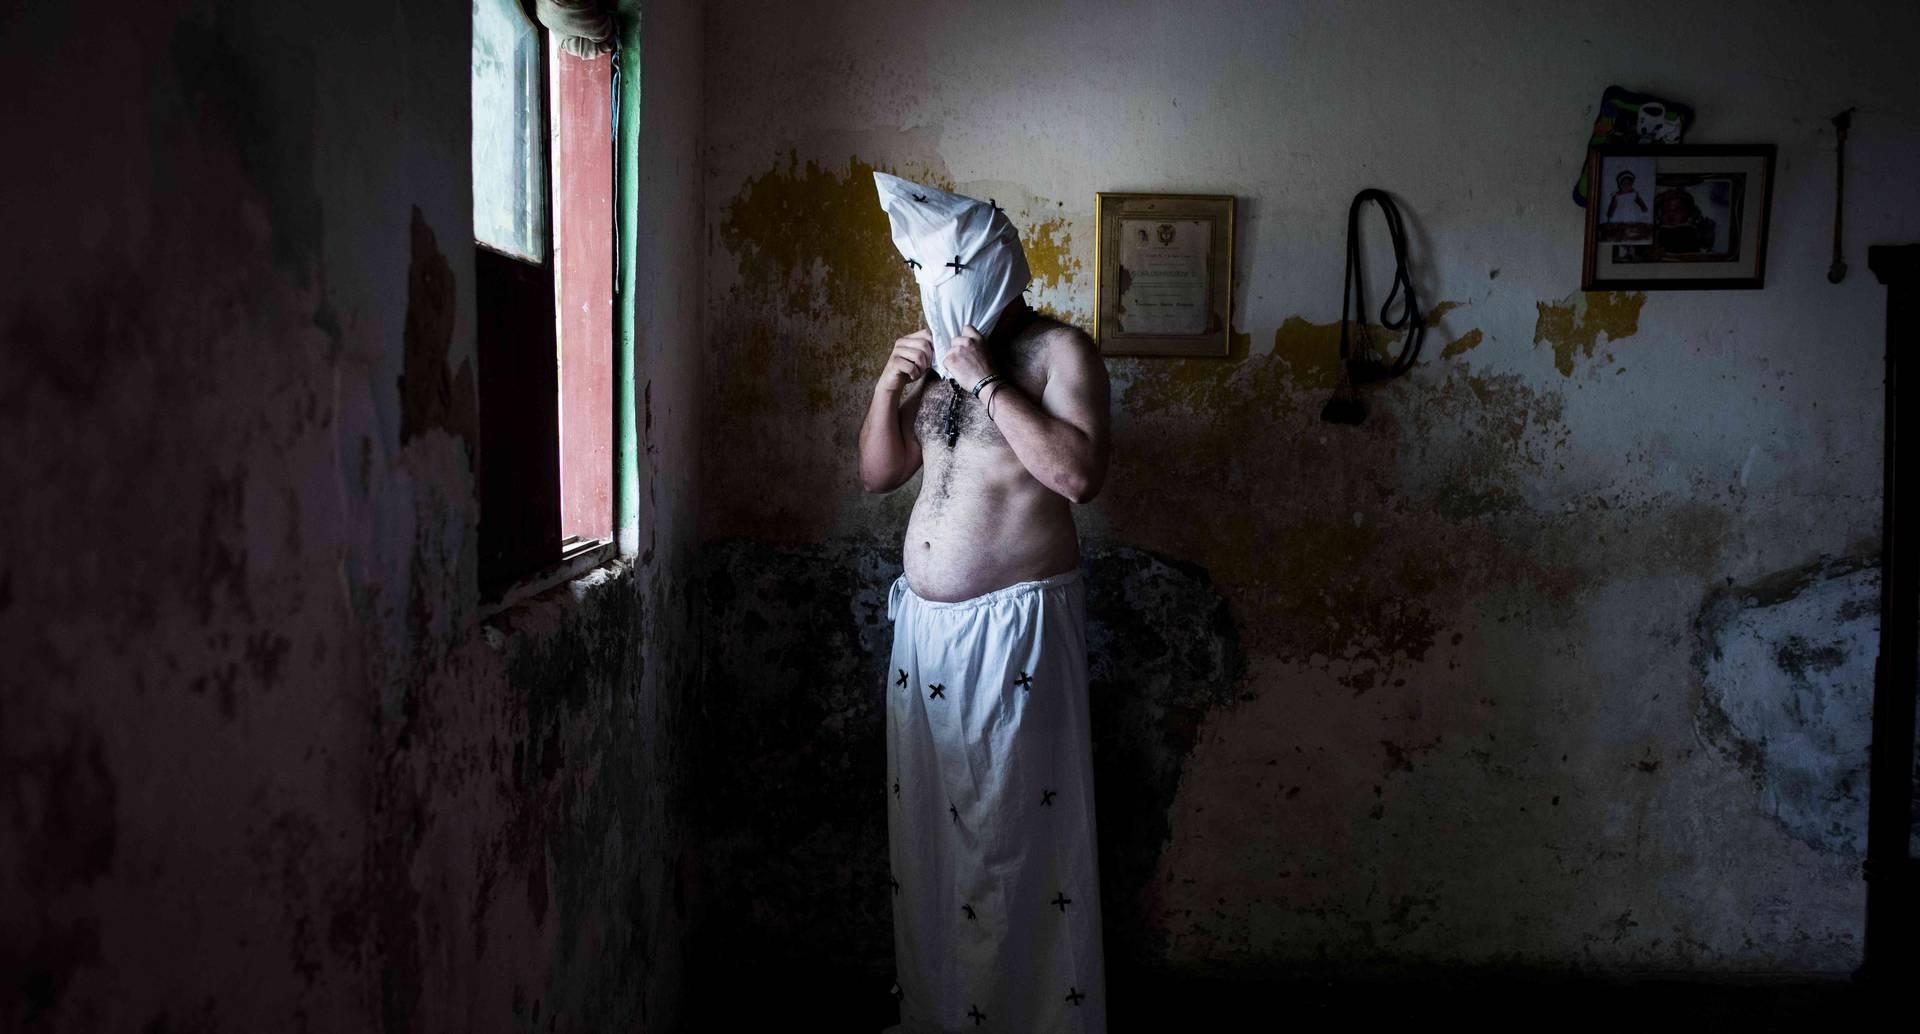 José Luis Sarmiento es un celador tomasino, quien lleva 20 de sus 34 años viviendo en Venezuela y trabajando como celador de un edificio. Cada año recorre 1.118 Km. y 24 horas de camino desde Caracas, Venezuela para cumplir la promesa de flagelante hecha en nombre de su sobrino hace 9 años.